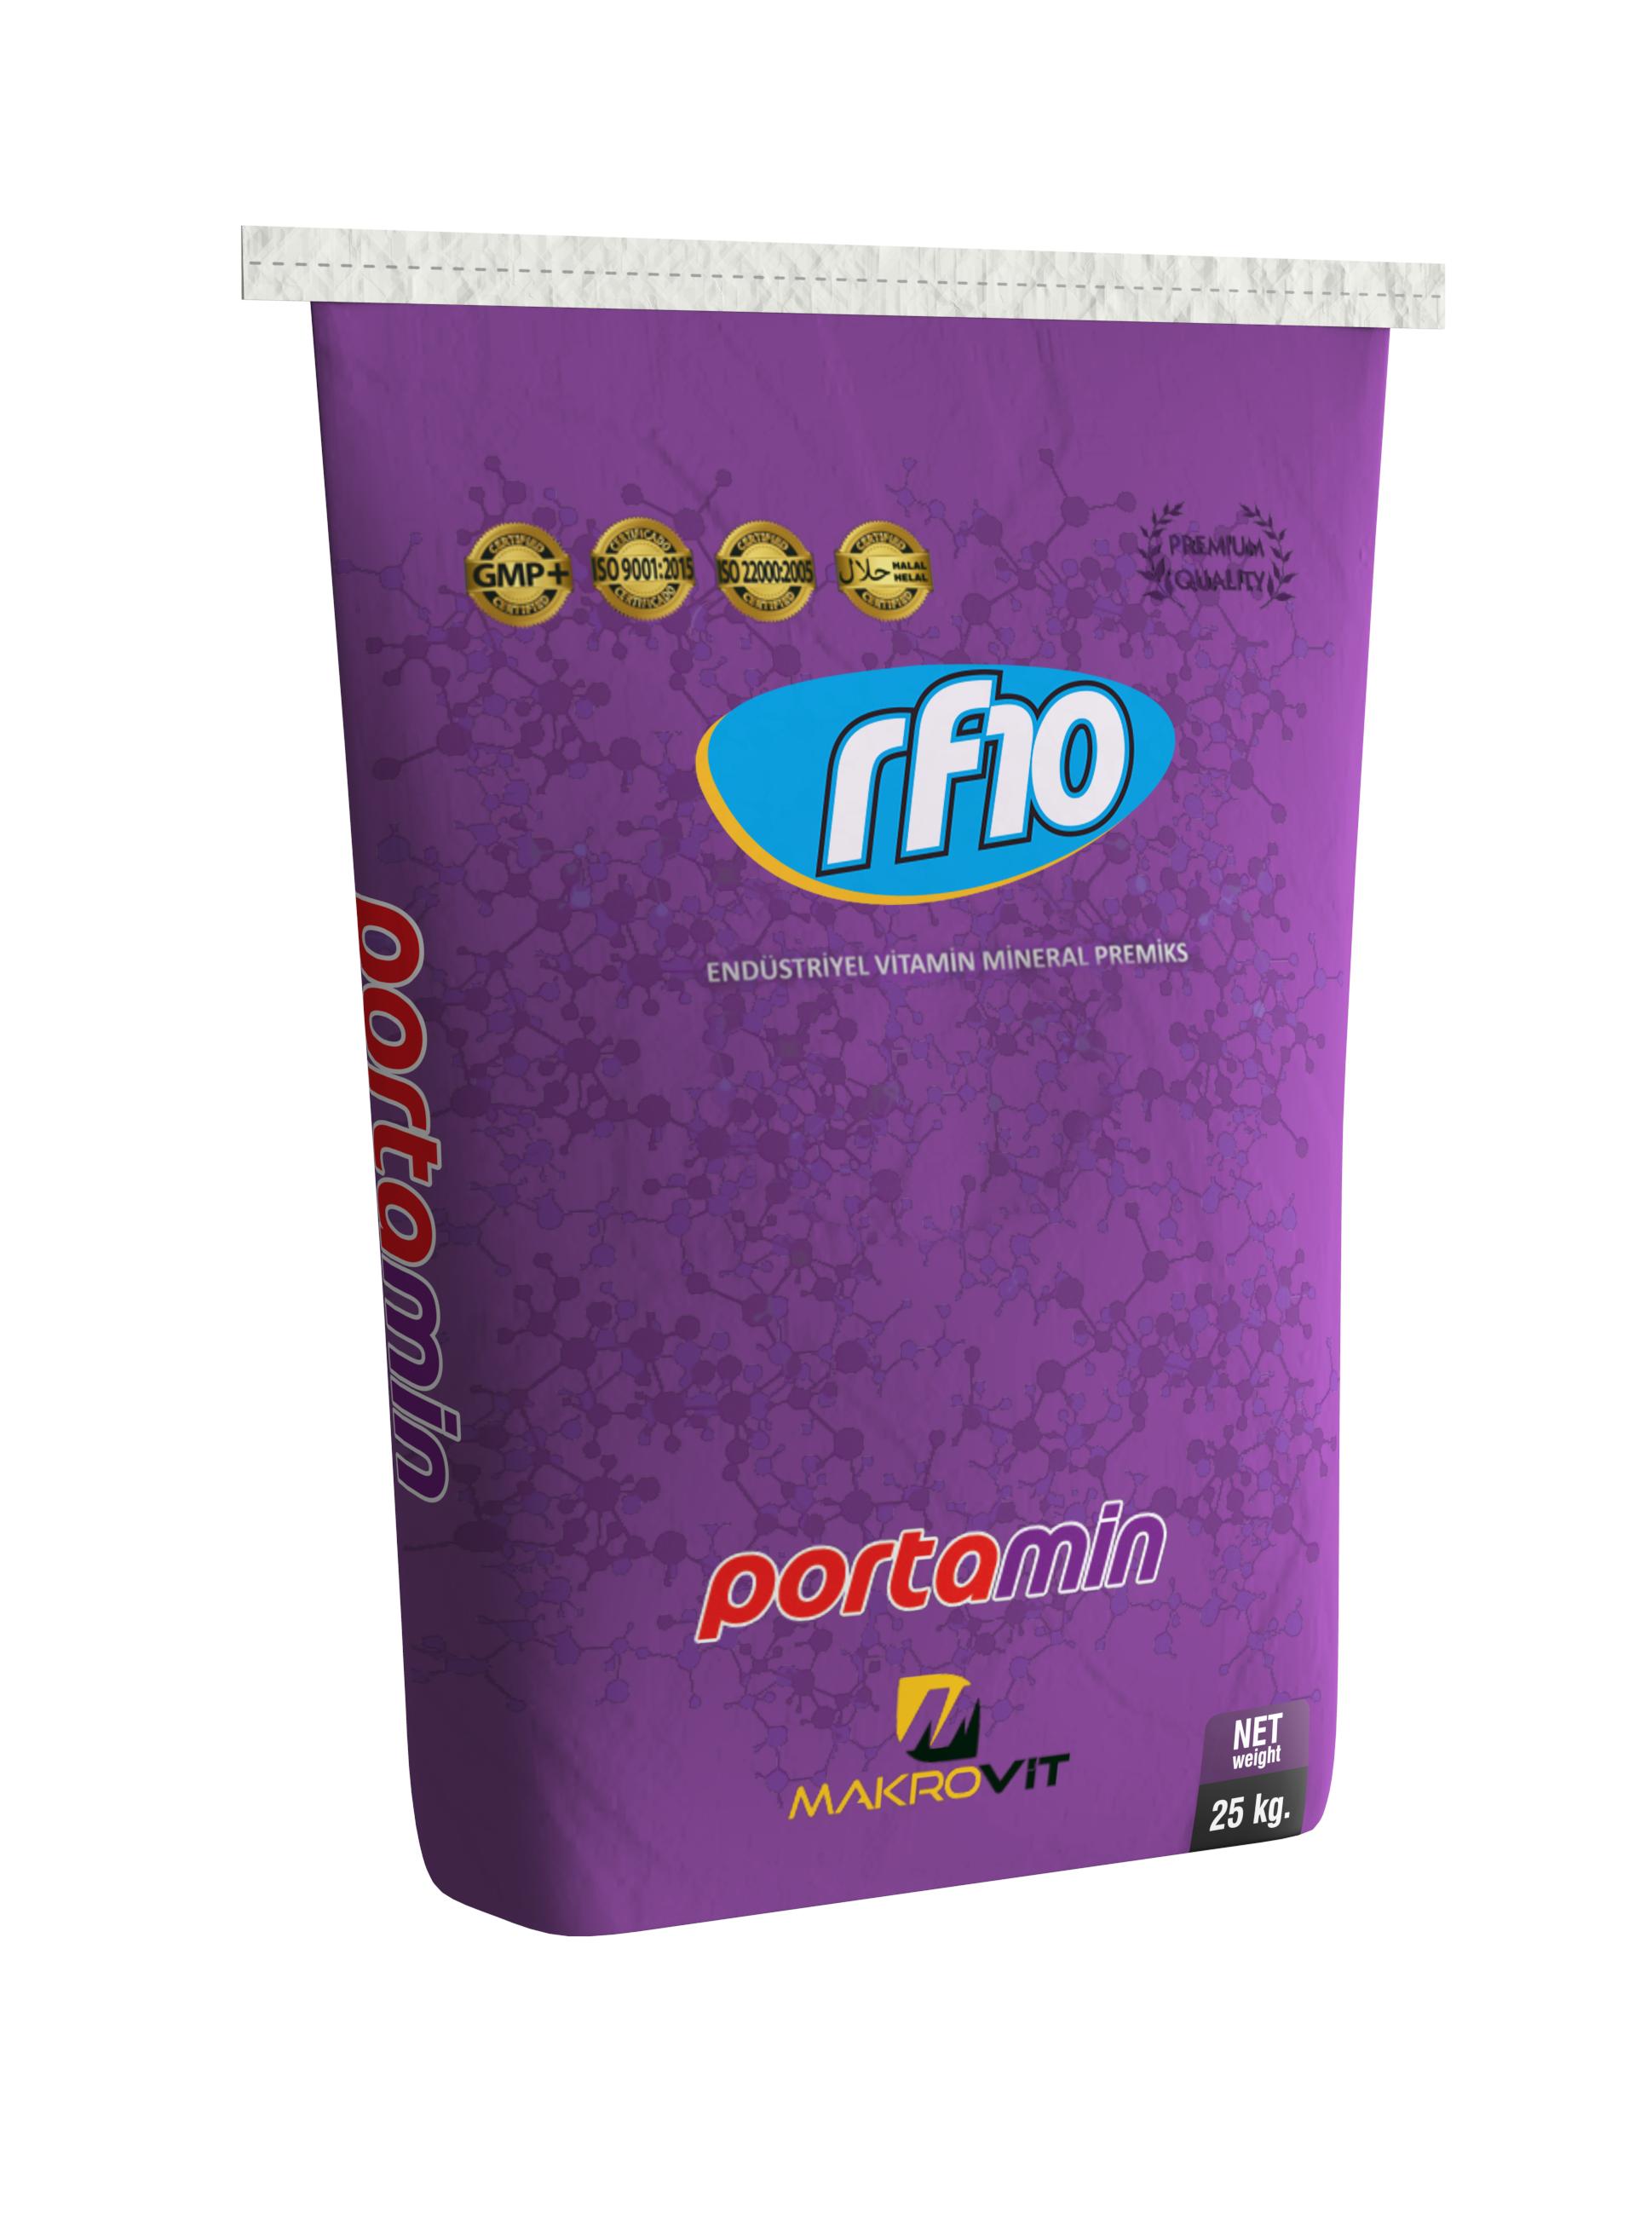 Portamin Rf10